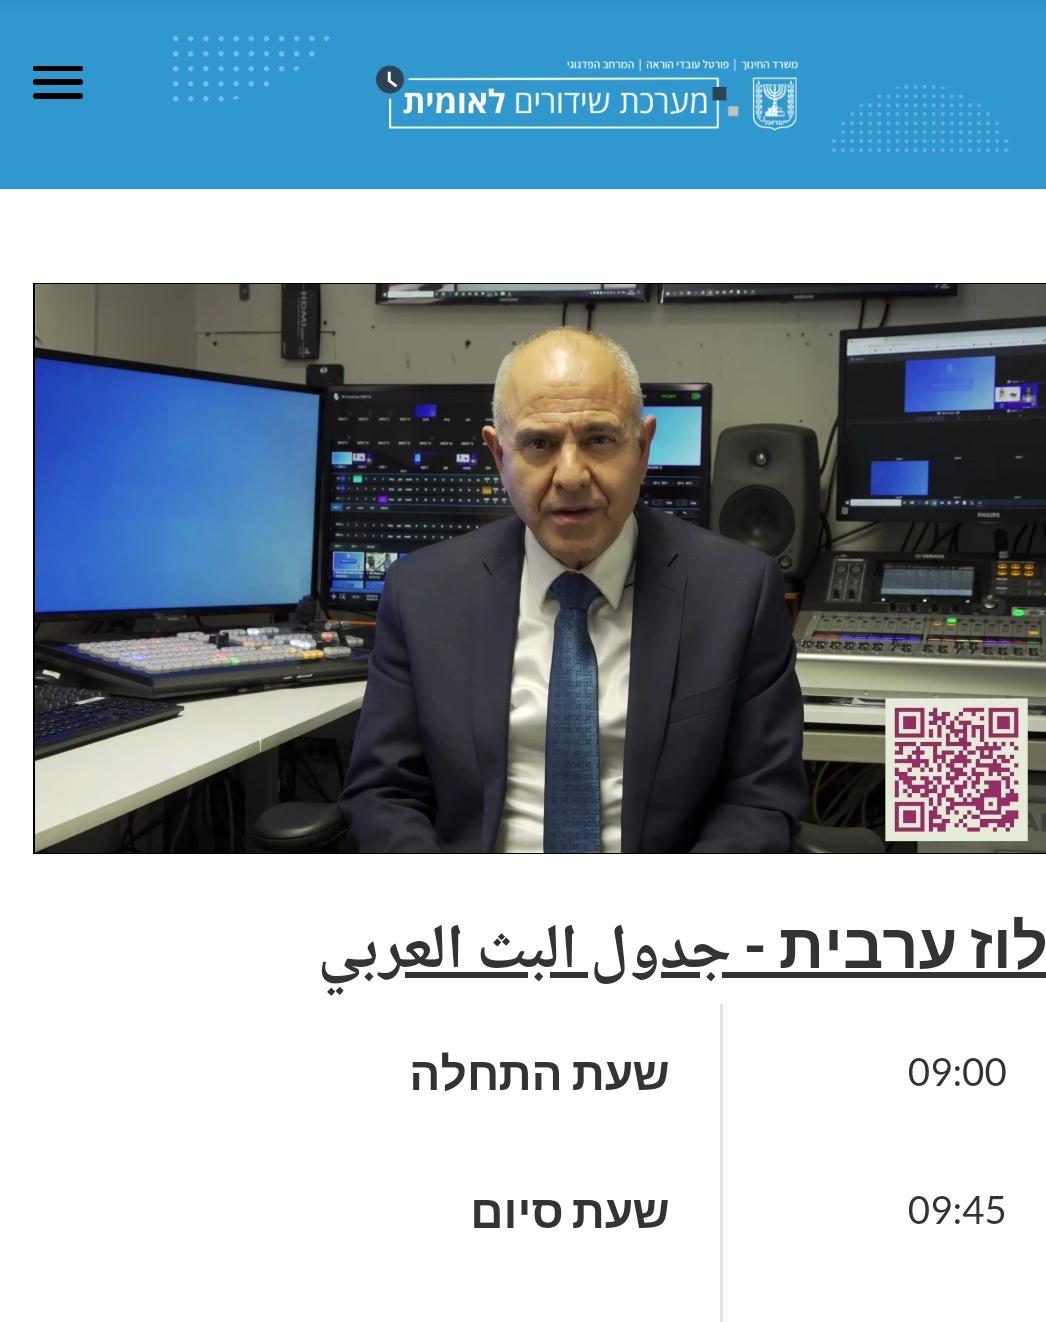 لوحة البث العربي في نظام  الإذاعة الوطنية لوزارة التربية والتعليم